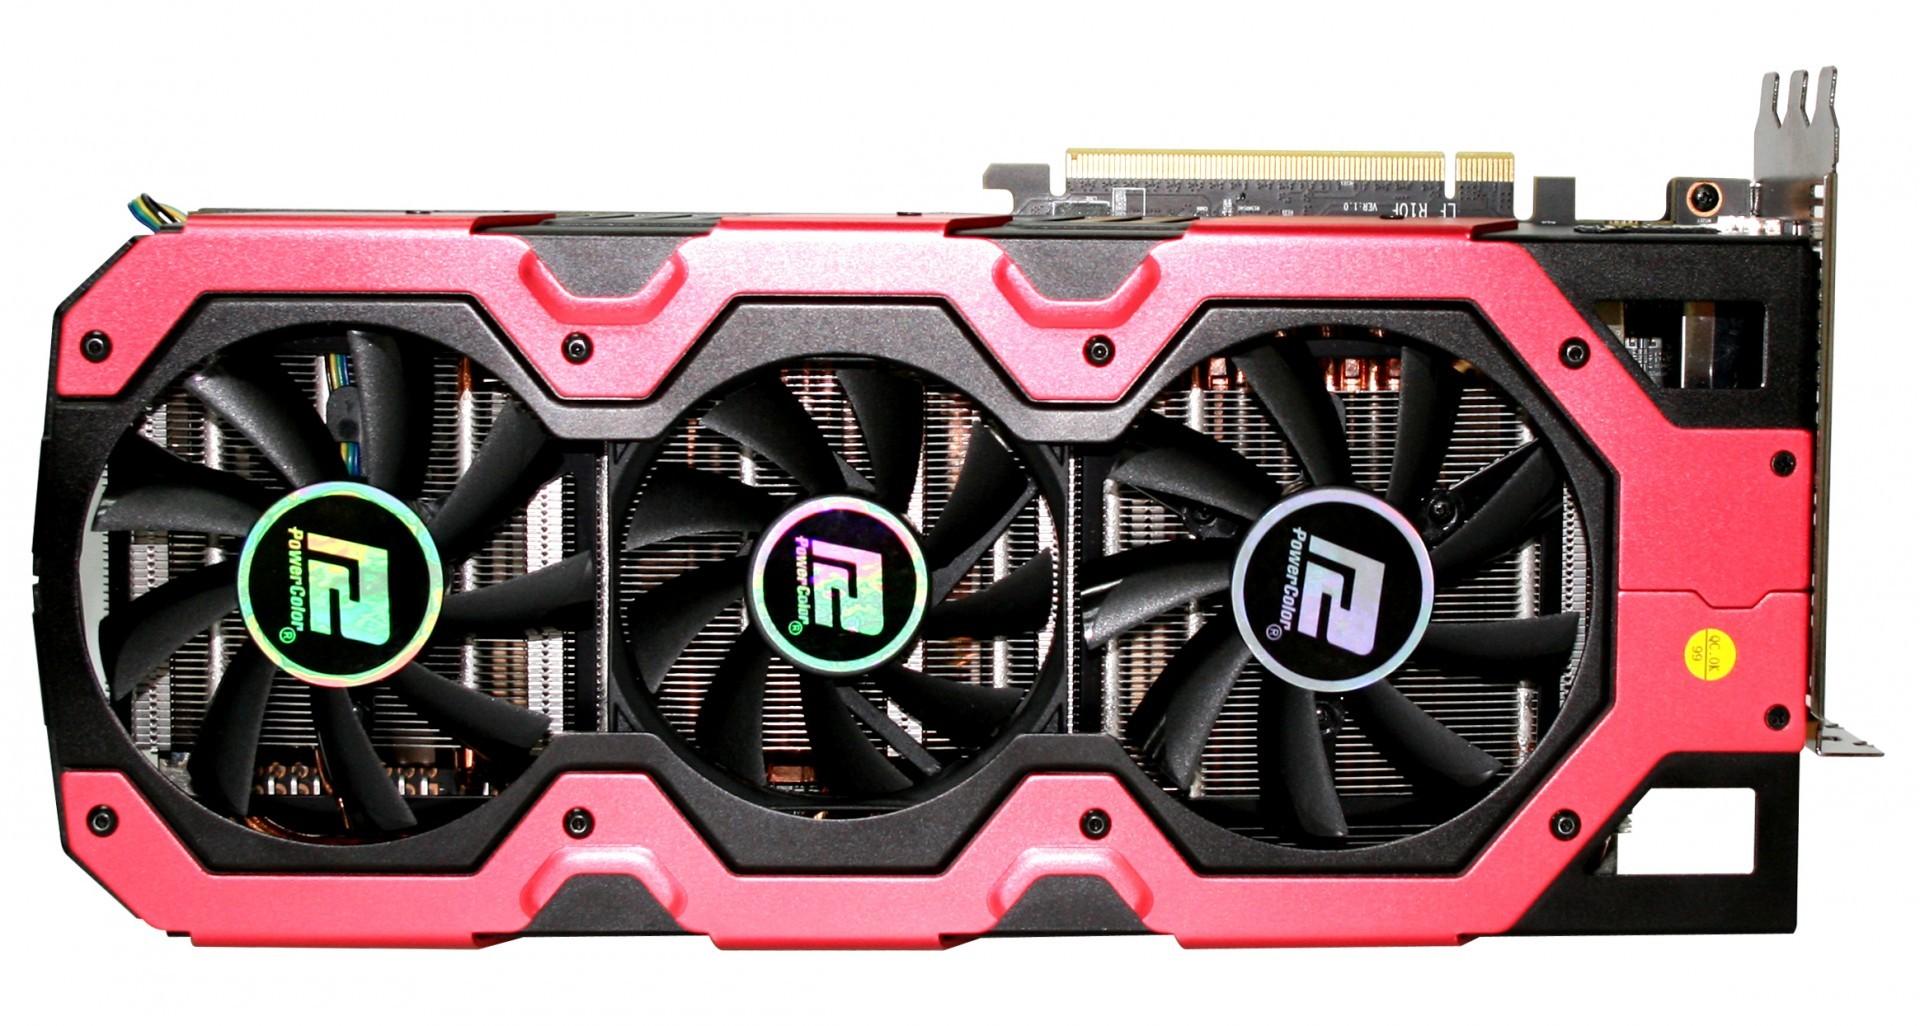 Powercolor Devil 13 HD7990: Grafikkarte mit zwei Tahiti-XT-GPUs bald erhältlich - Powercolor Devil 13 HD7990 - von oben (Bild: Hersteller)